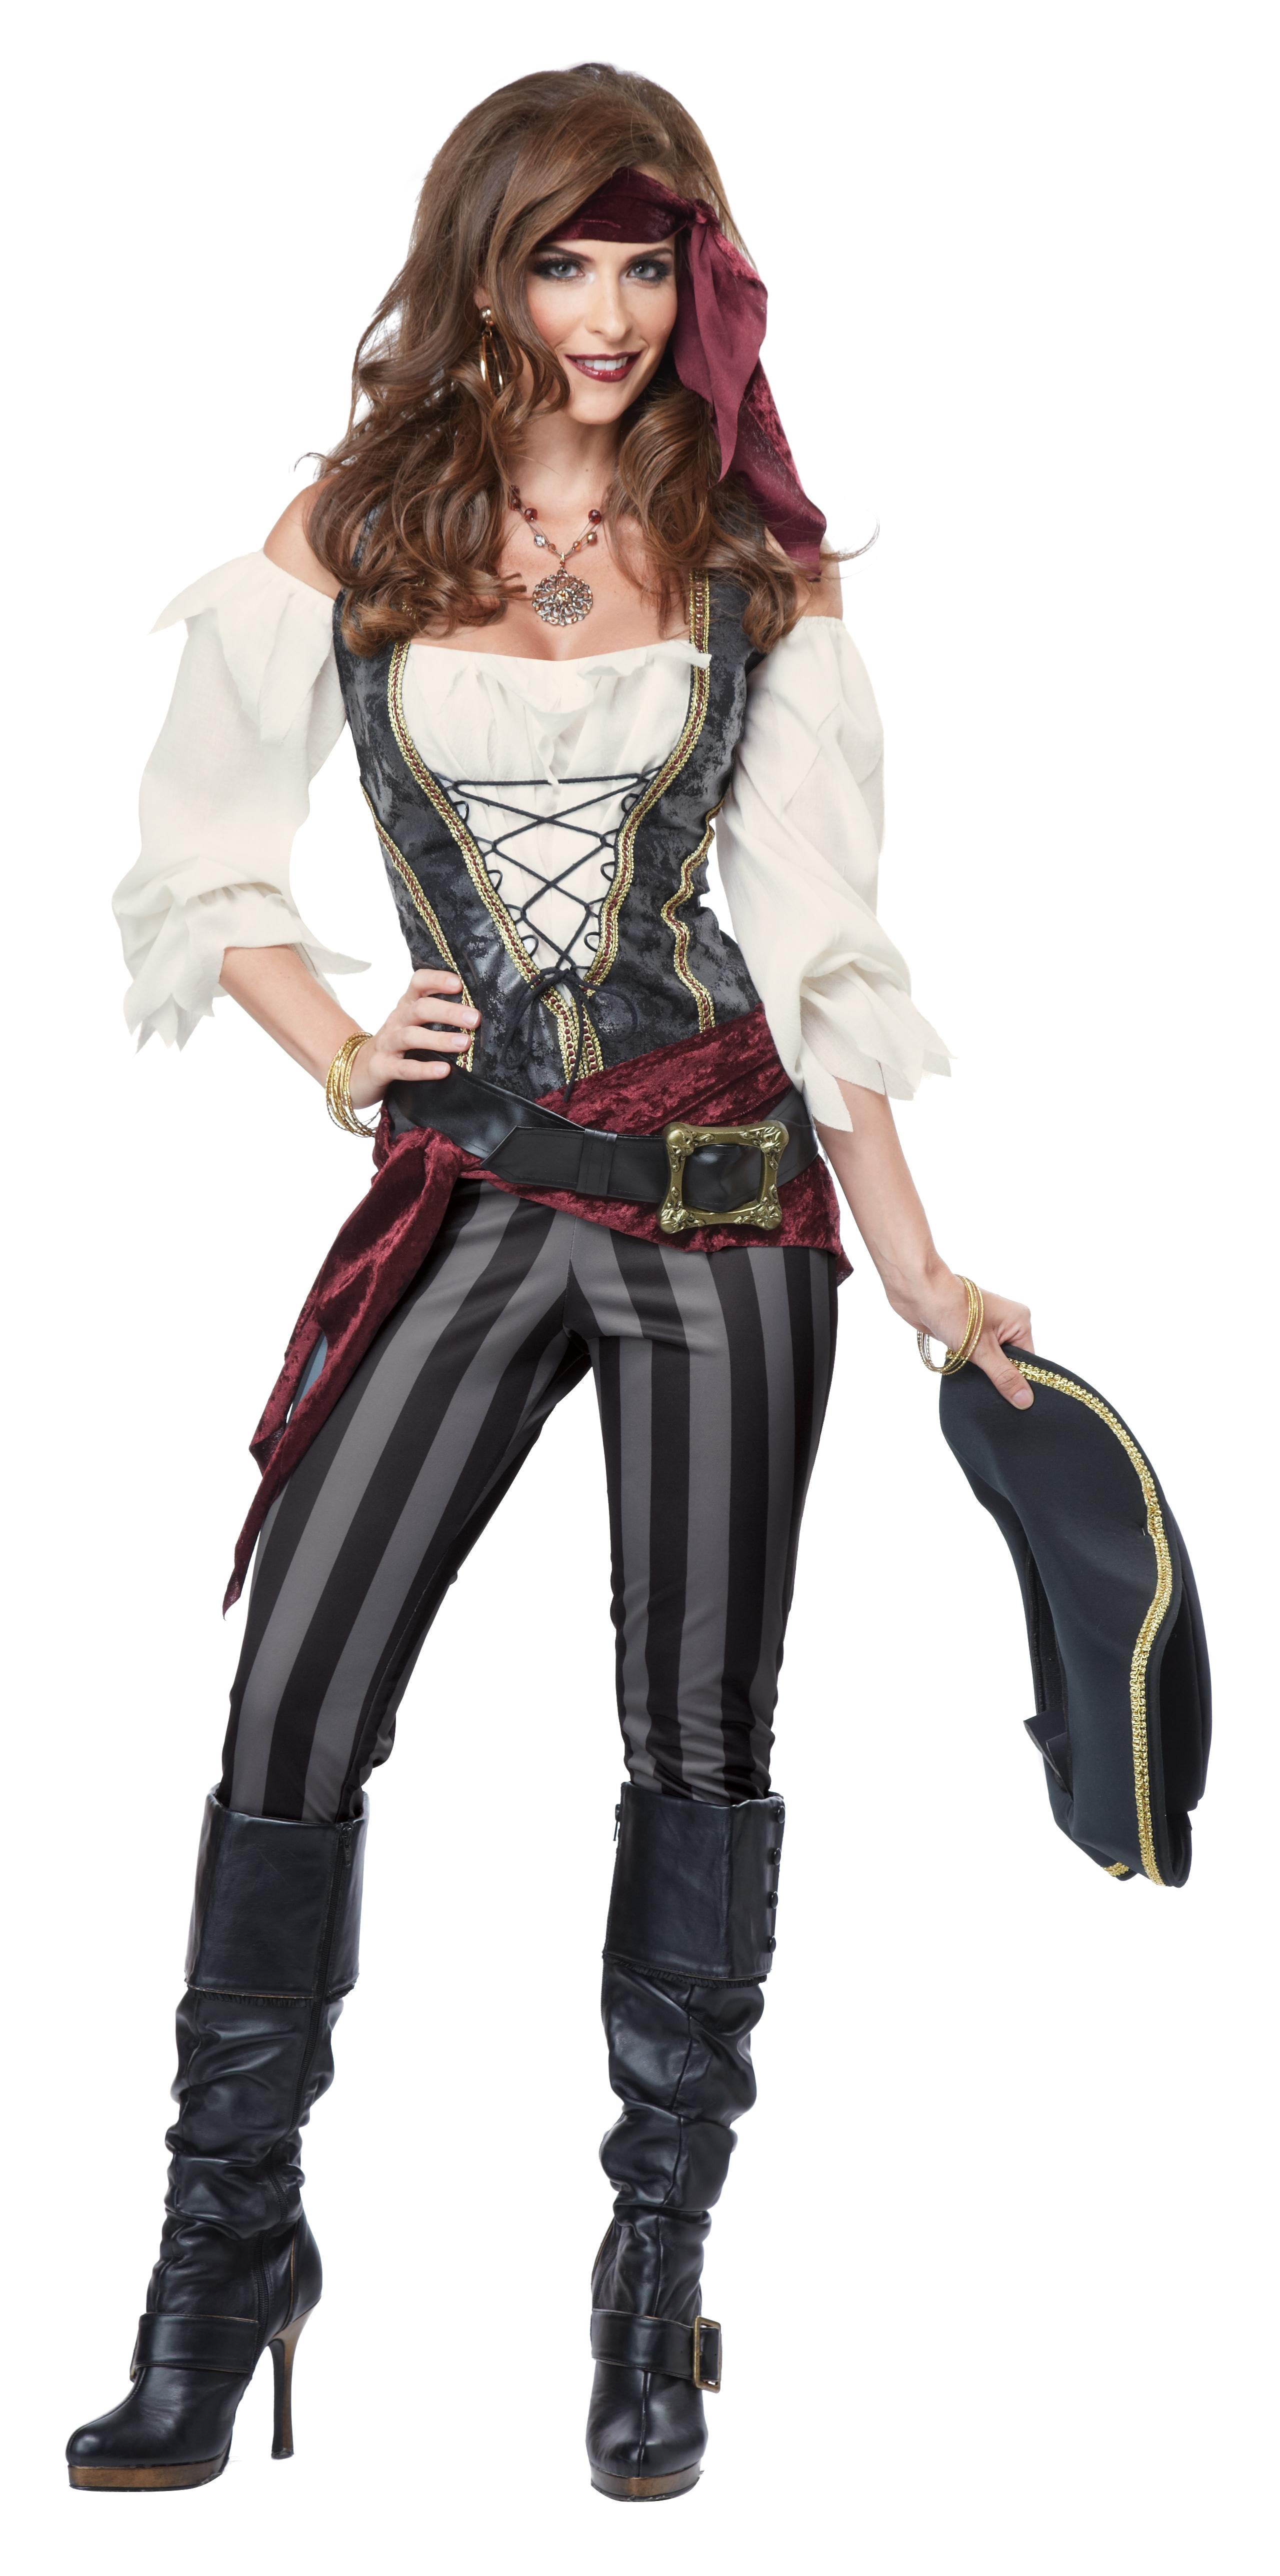 франция костюм пиратки для взрослы картинки учит верить